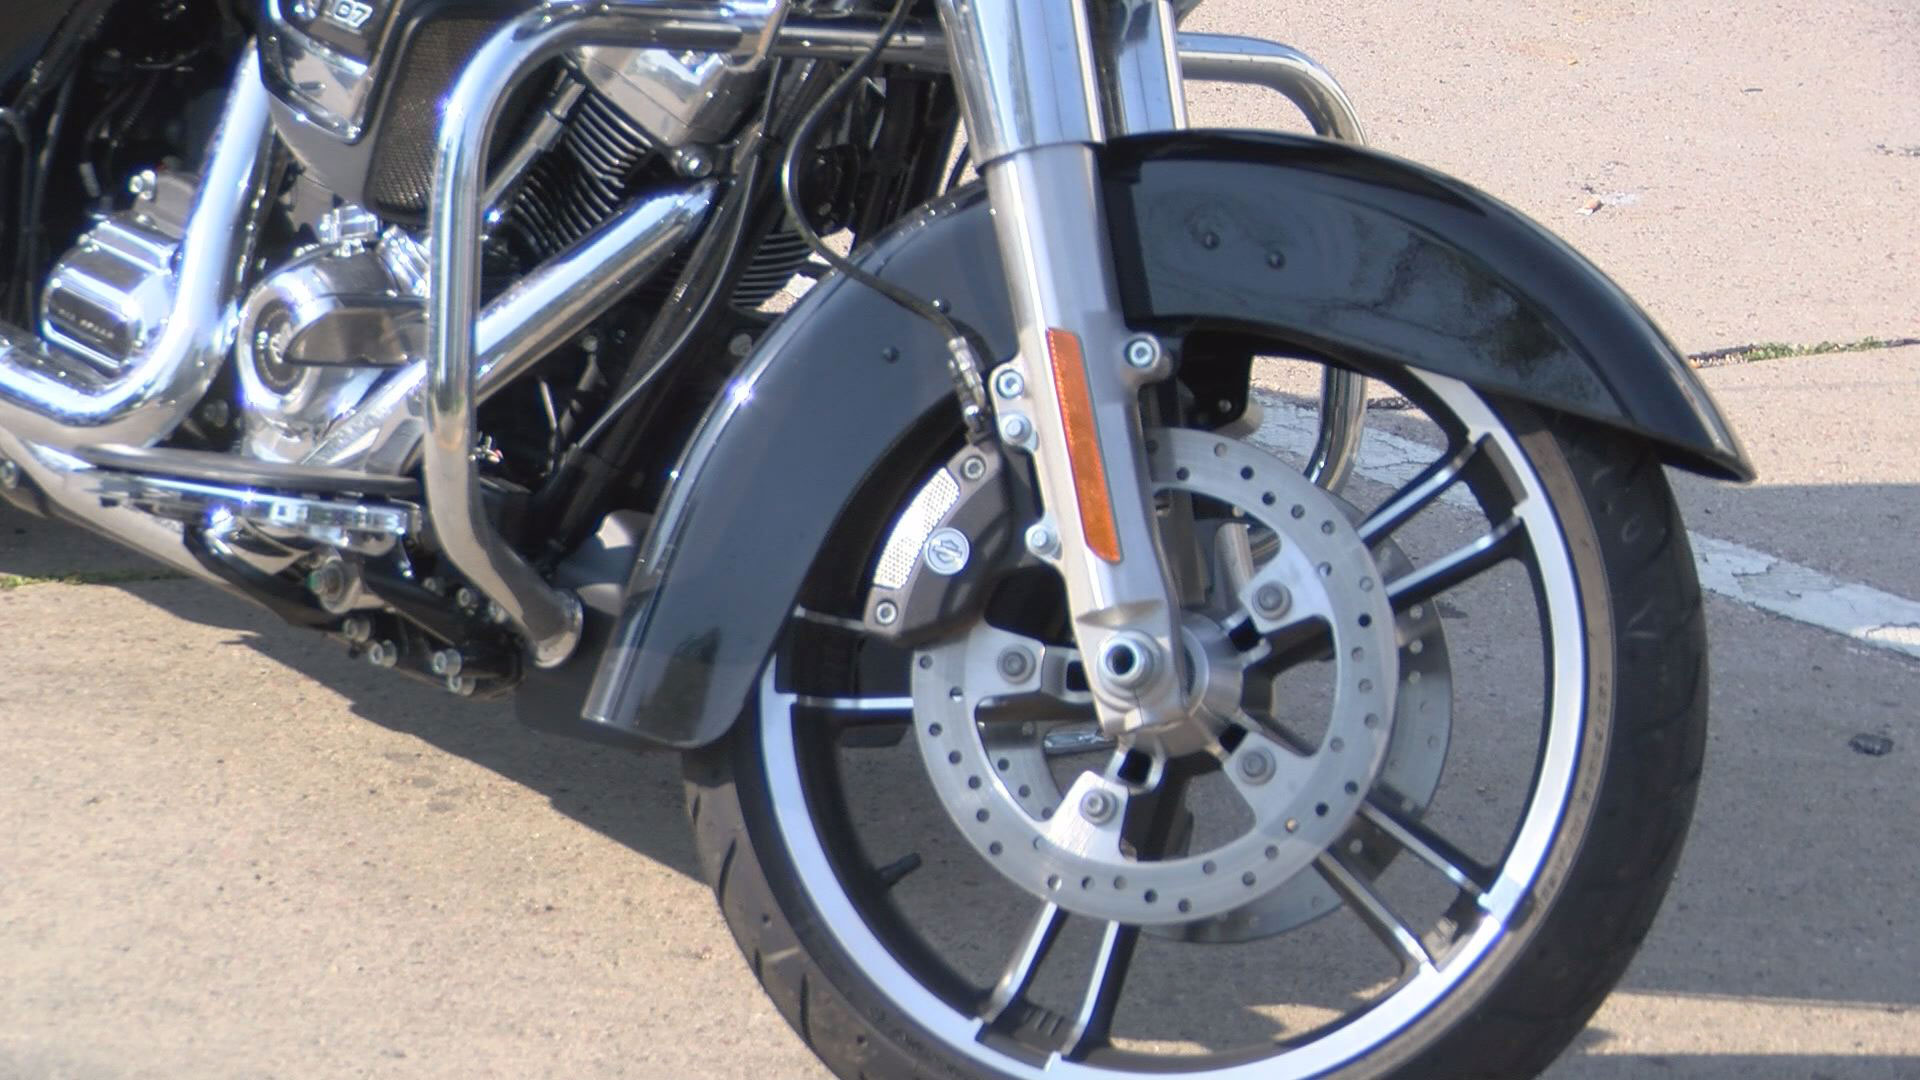 KELO Motorcycle